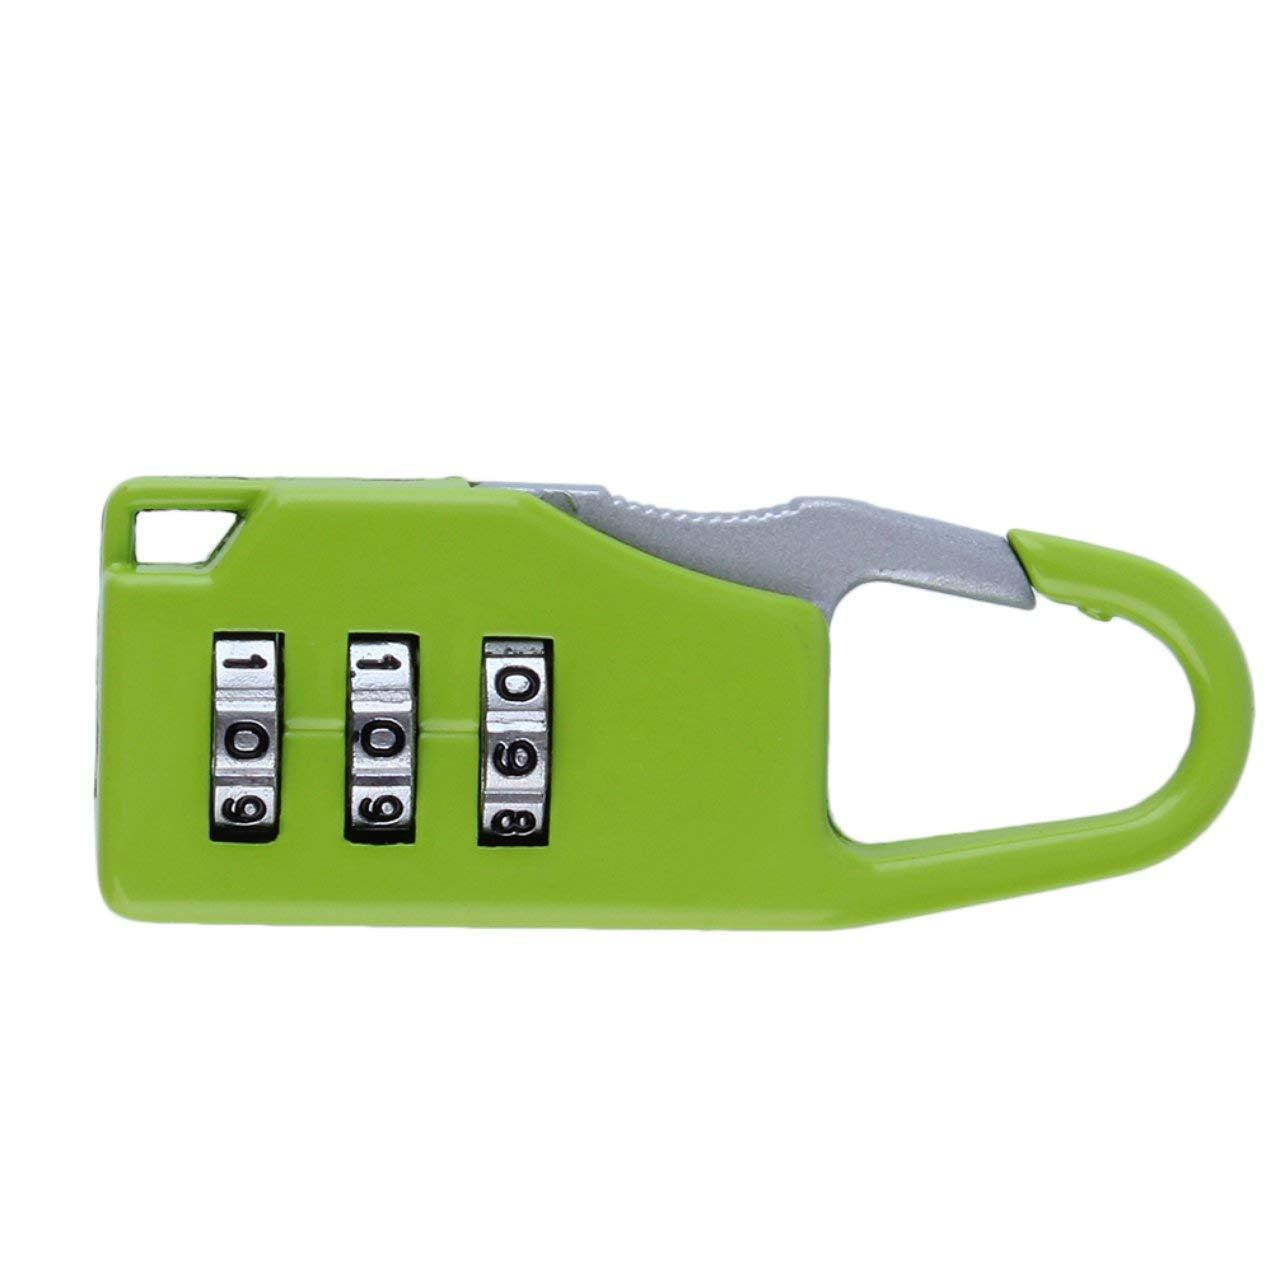 WOSOSYEYO 1 pc New Security 3 Combinaison Voyage en Alliage de Zinc Valise Bagage Bagages Bo/îtes /à Bijoux Bo/îtes /À Outils Verrouillage Code Zipper Cadenas